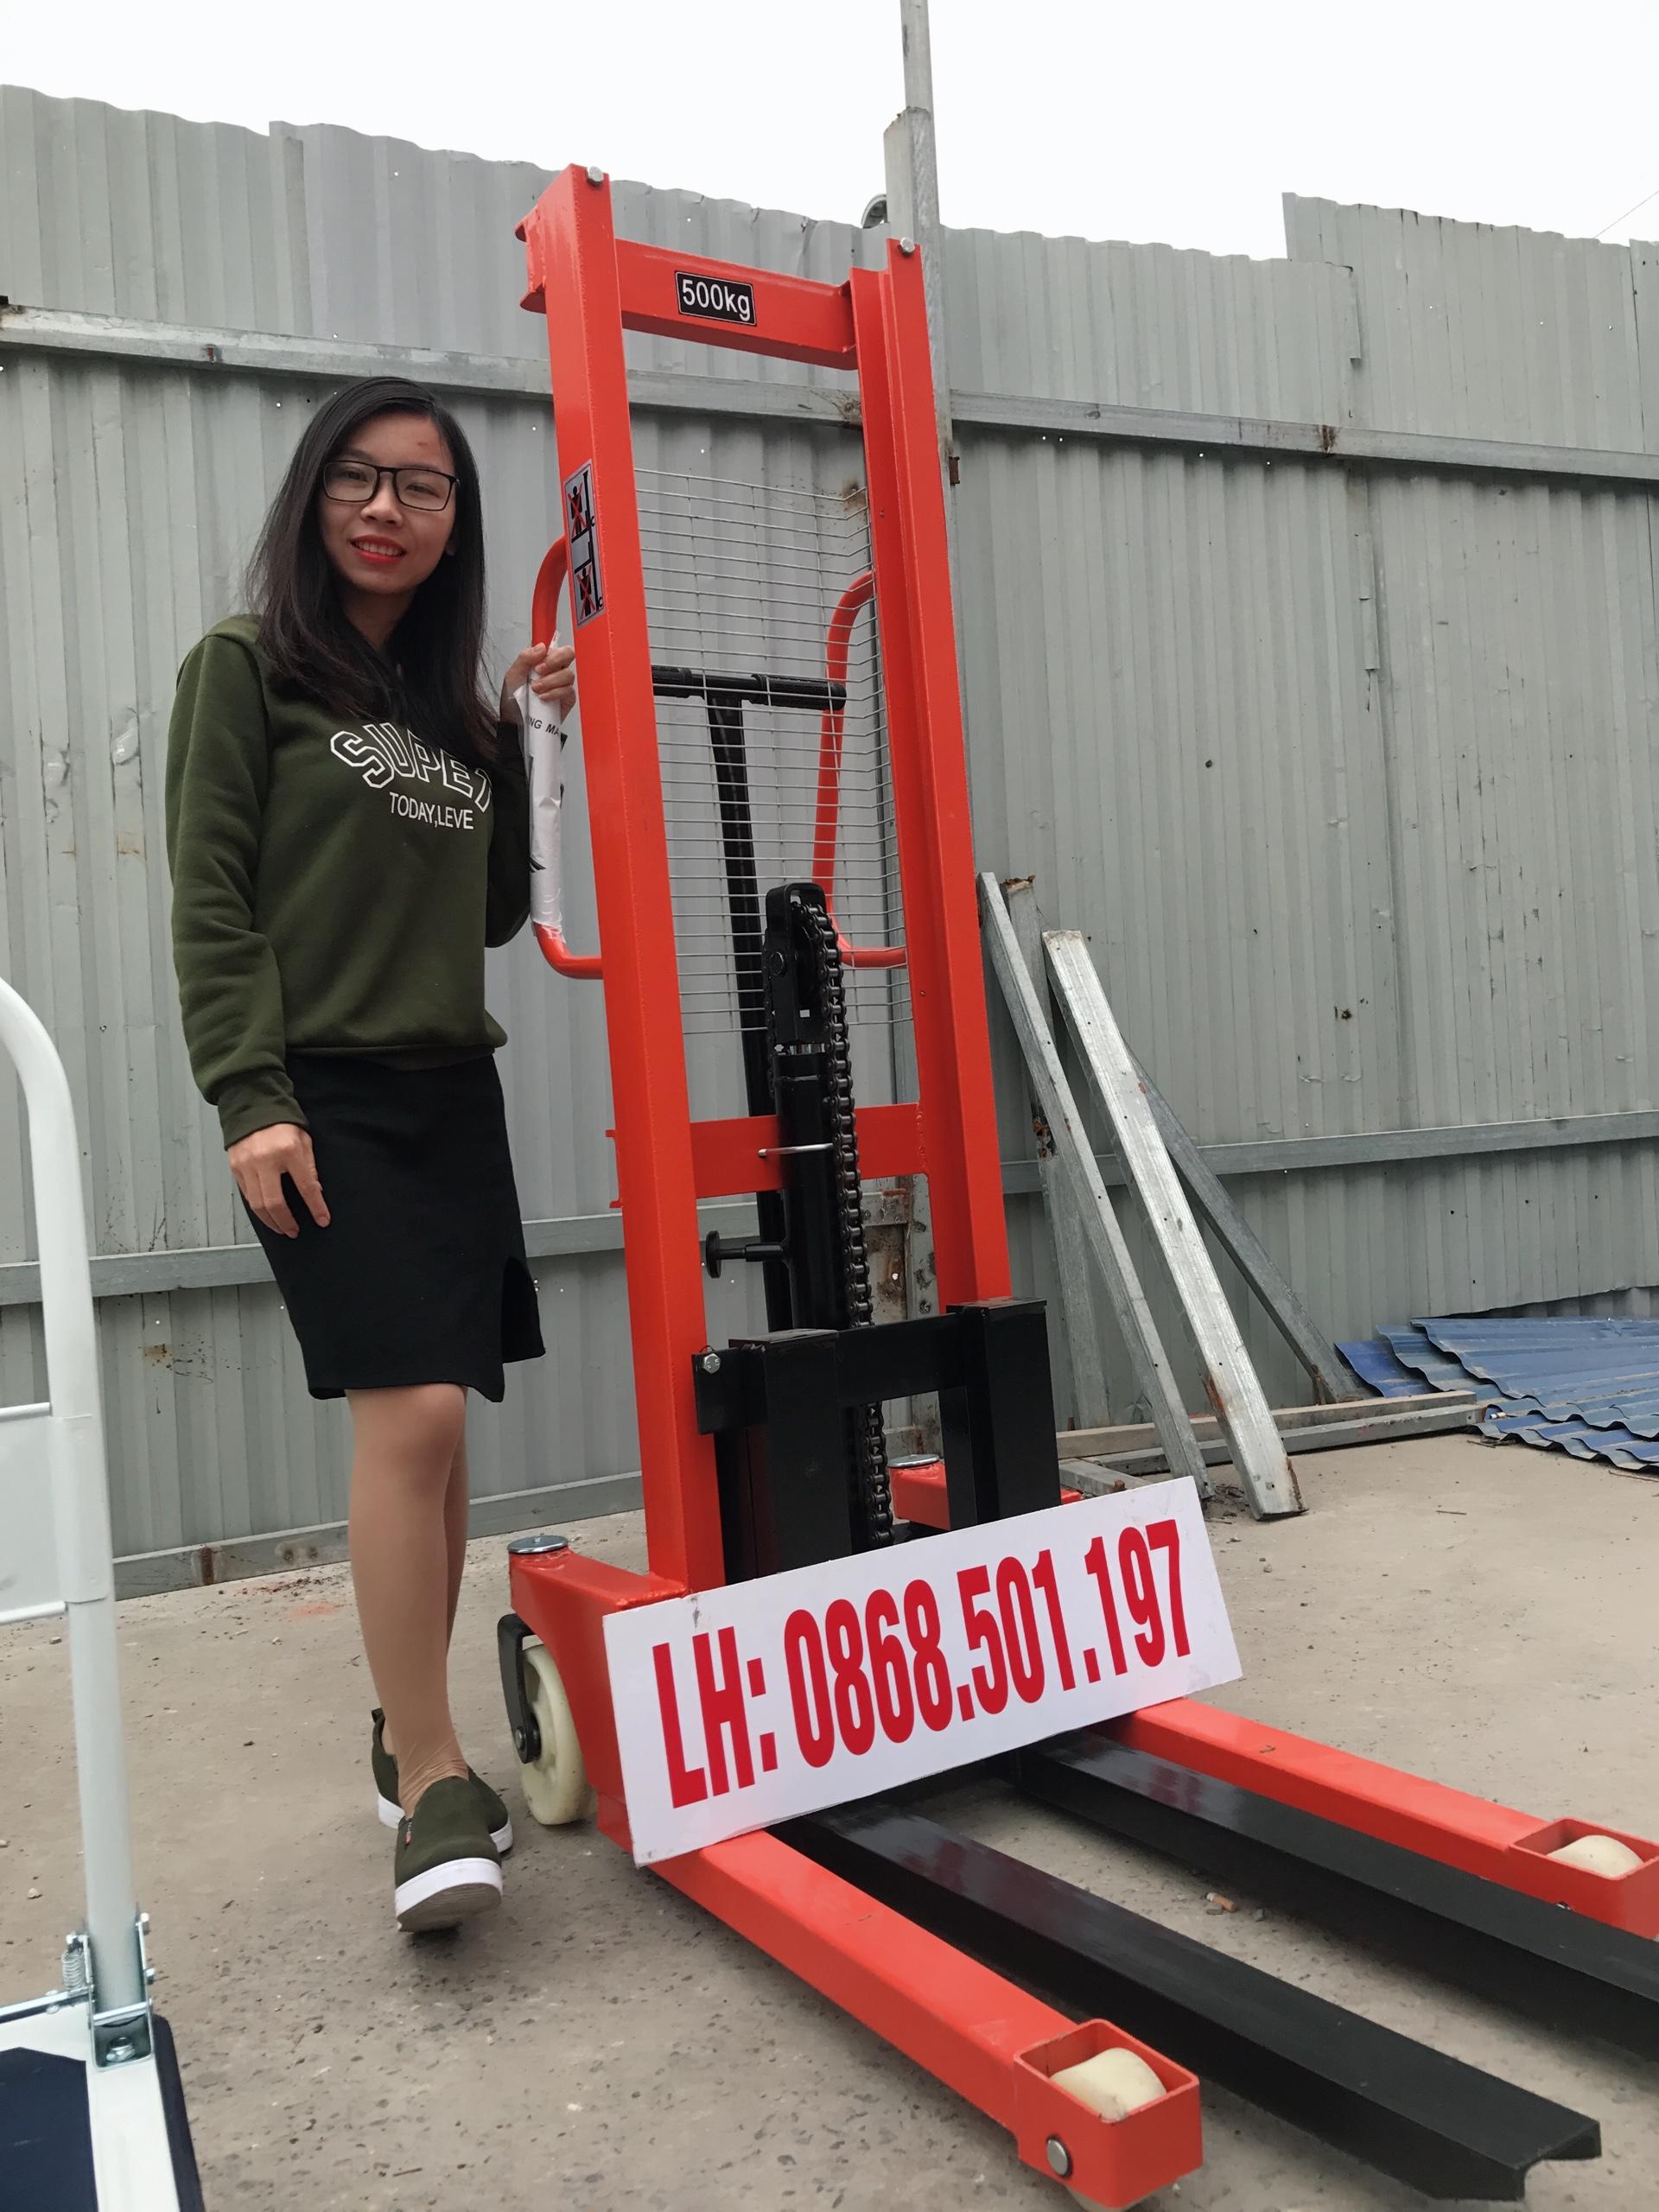 xe nâng tay cao 500kg 1 tấn